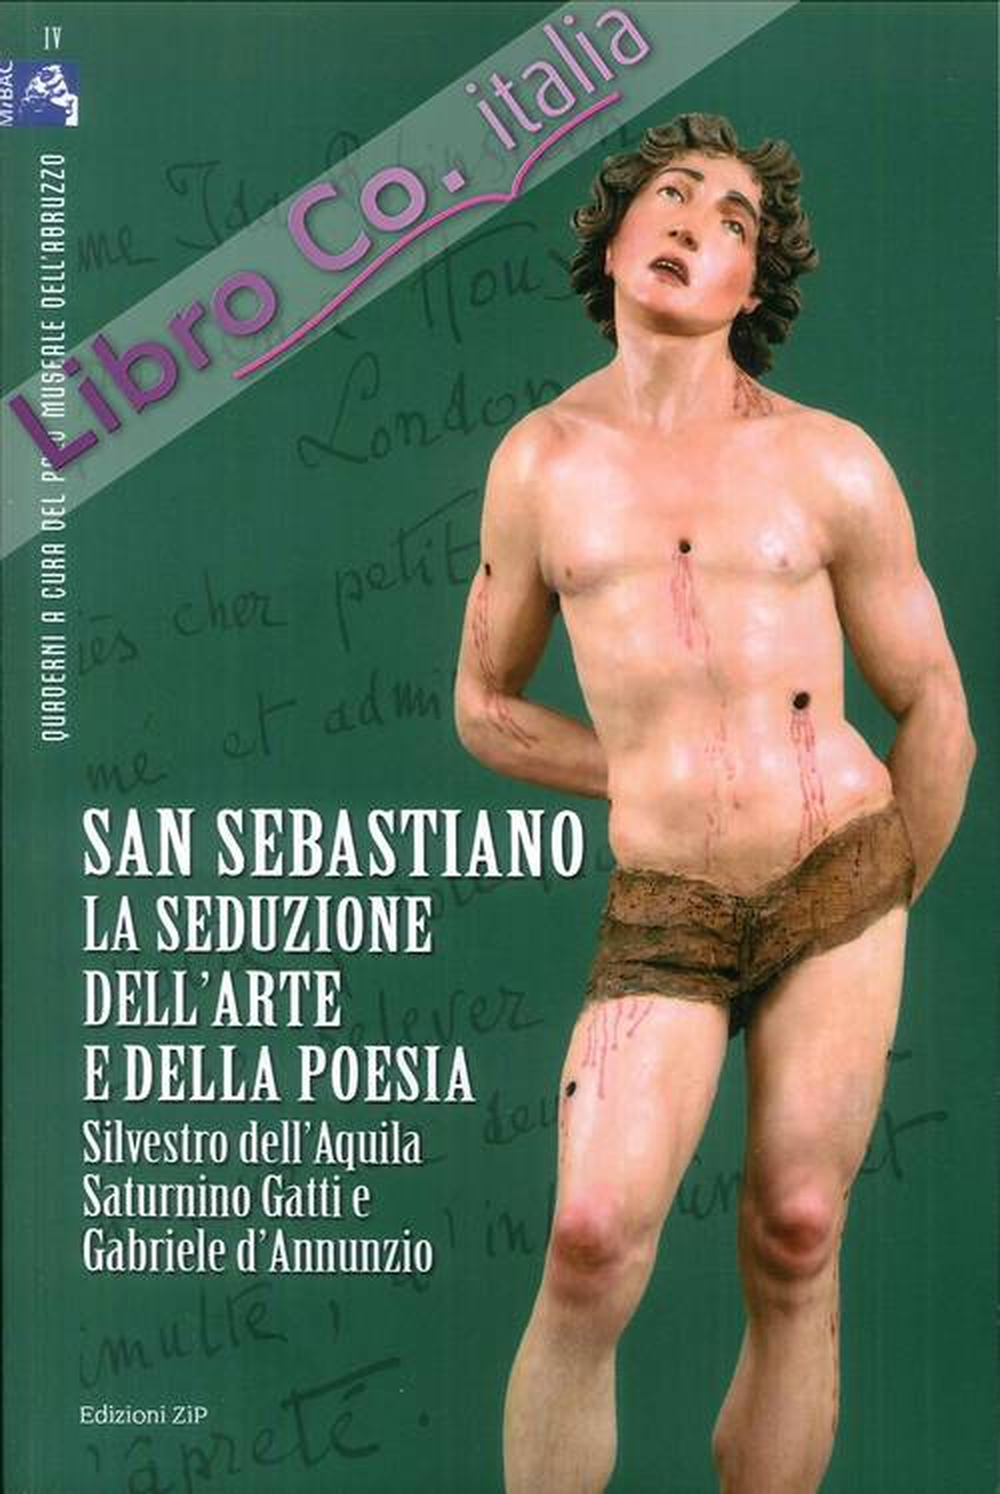 San Sebastiano. La seduzione dell'arte e della poesia. Silvestro dell'Aquila, Saturnino Gatti e Gabriele d'Annunzio